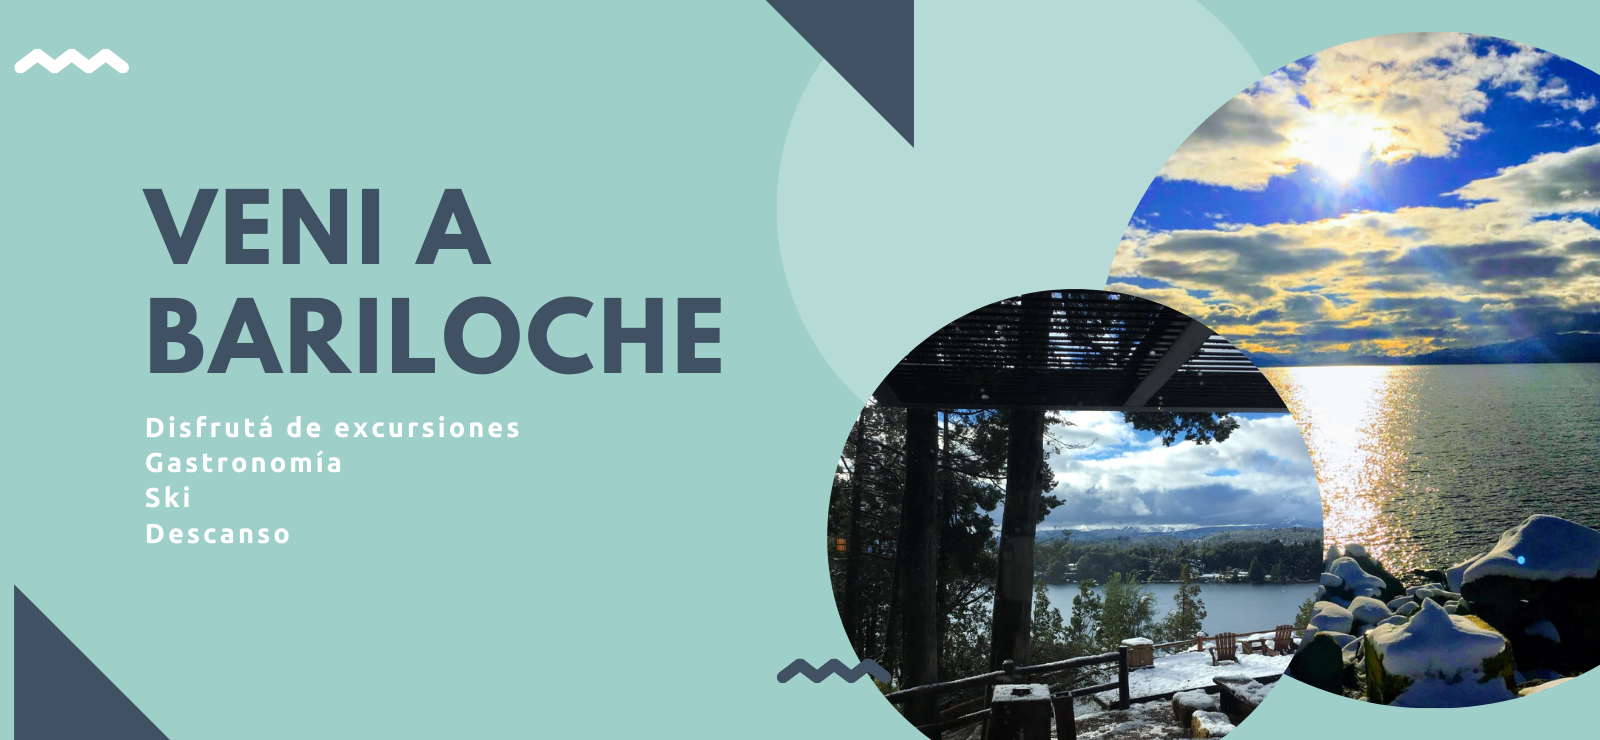 Veni a Bariloche